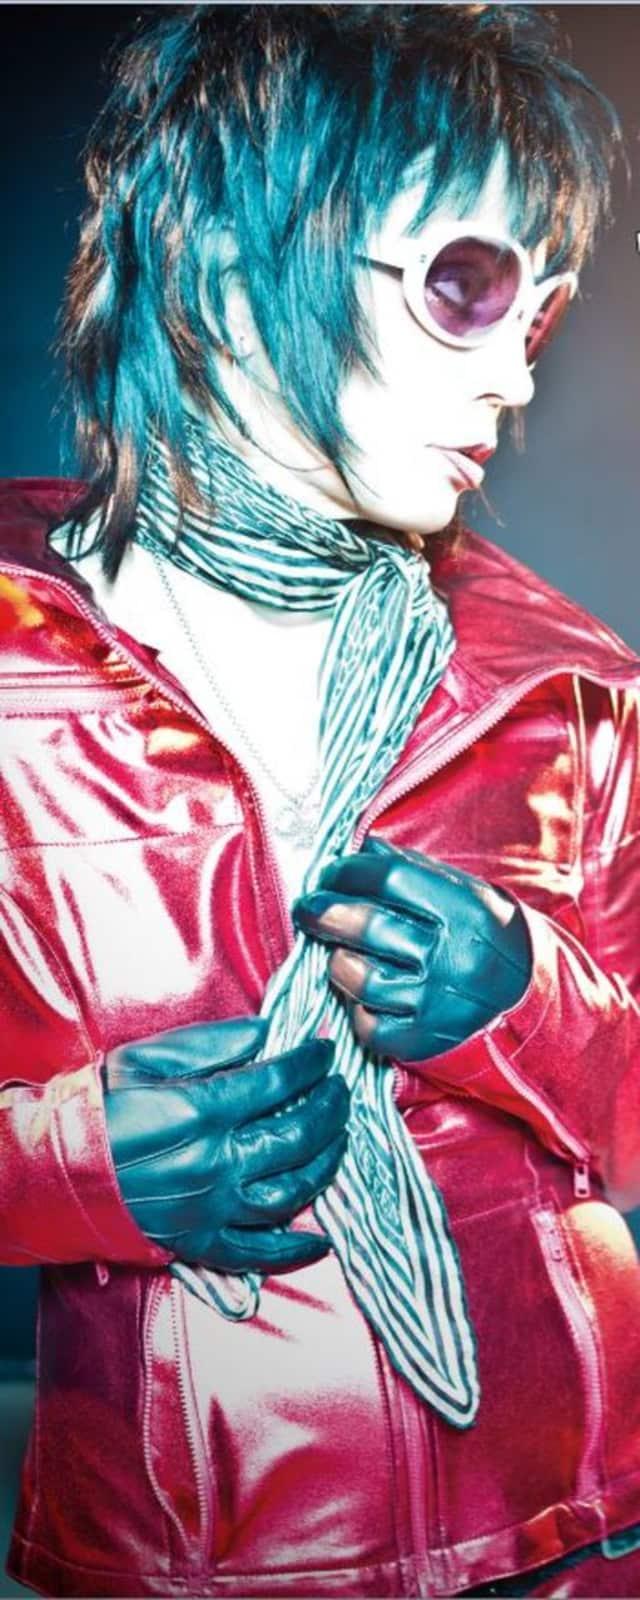 Joan Jett to perform at Ridgefield Playhouse on Feb. 14.